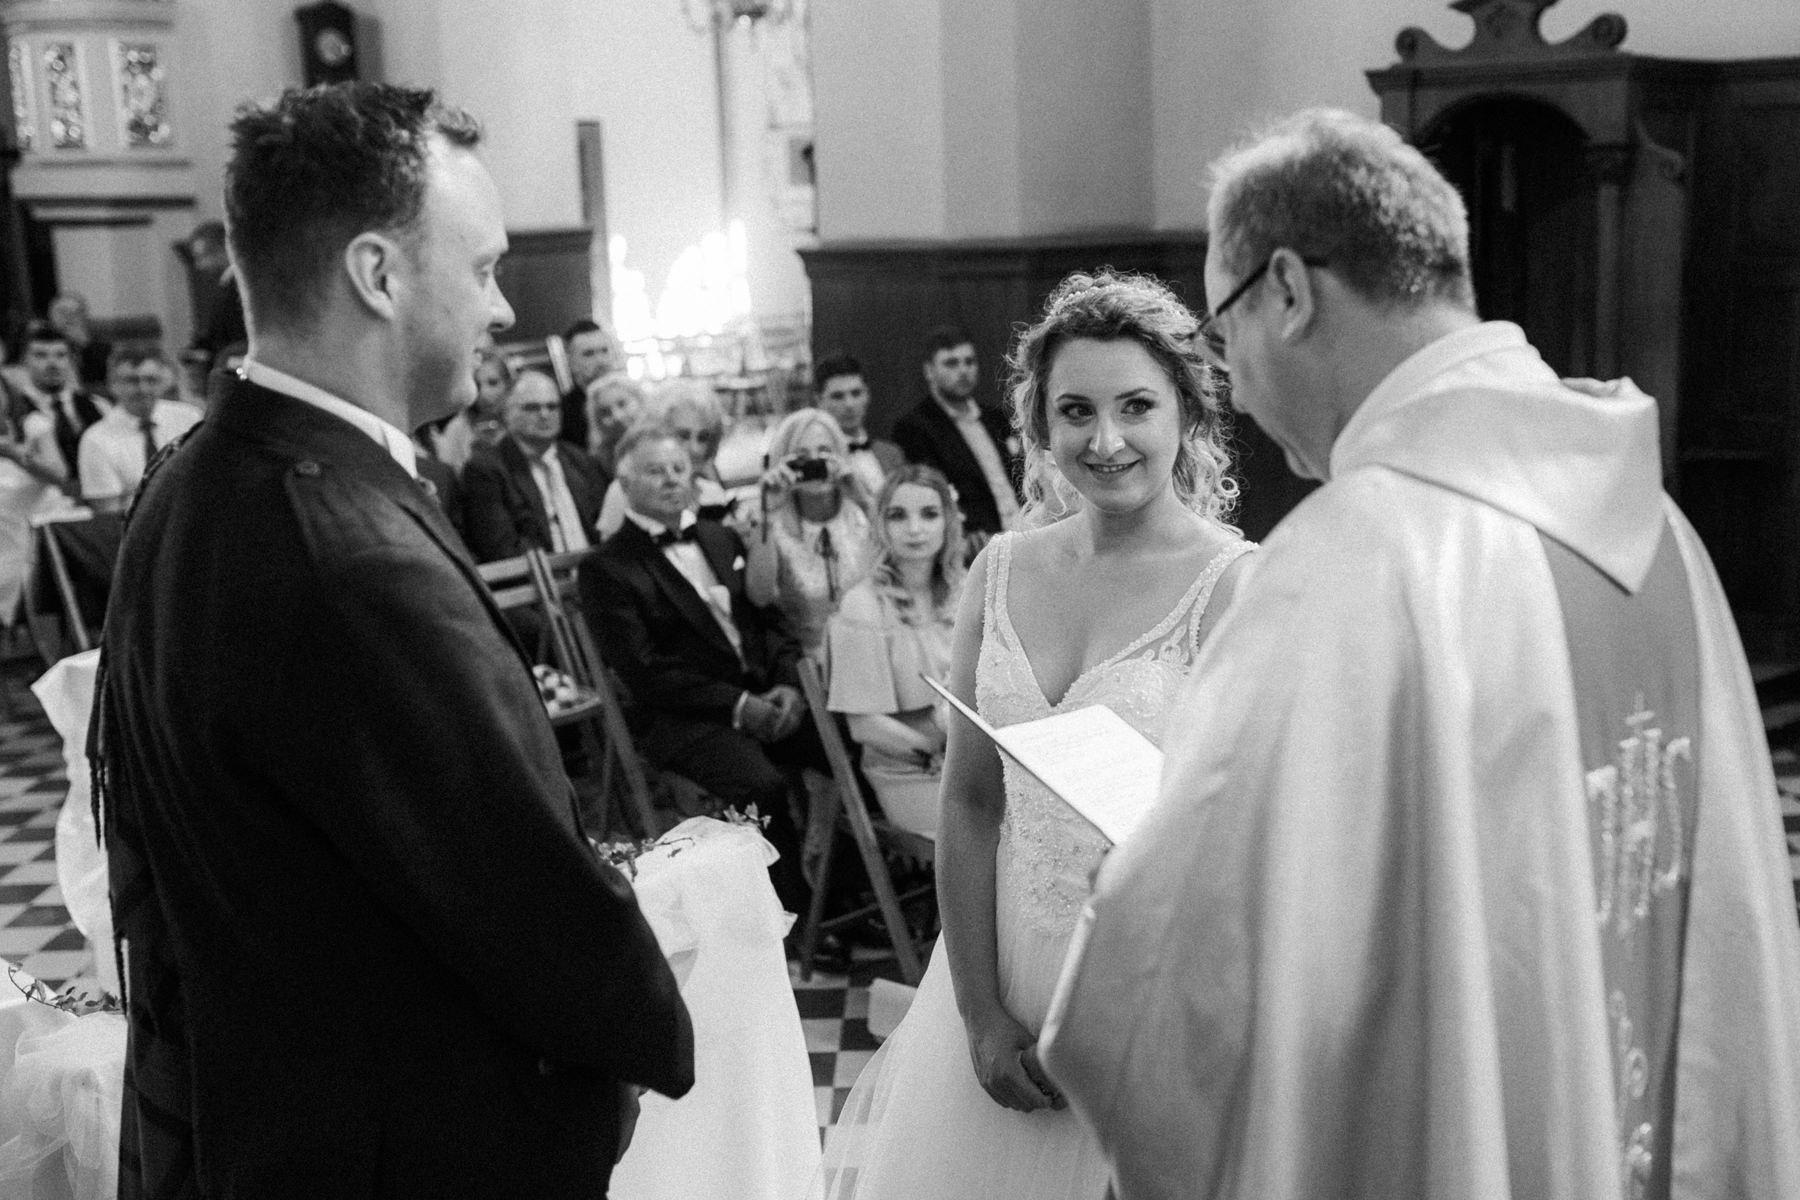 szkockie wesele w polsce